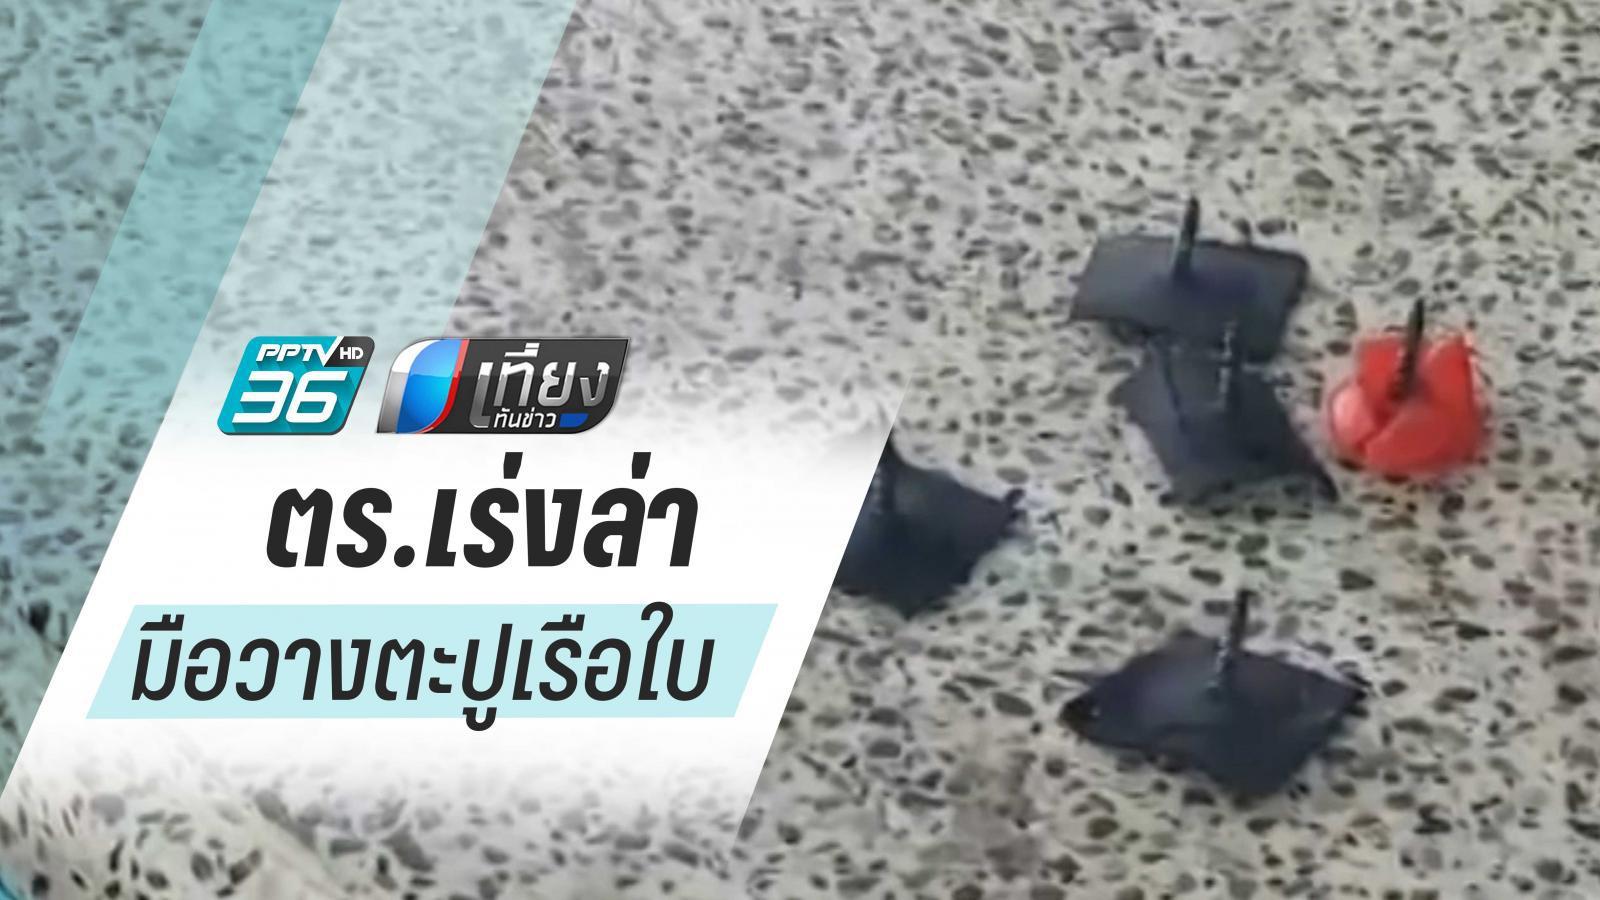 ตร.เร่งล่ามือวางตะปูเรือใบ บนถ.นาไทย-อ่าวนาง รถเสียหายกว่า 30 คัน